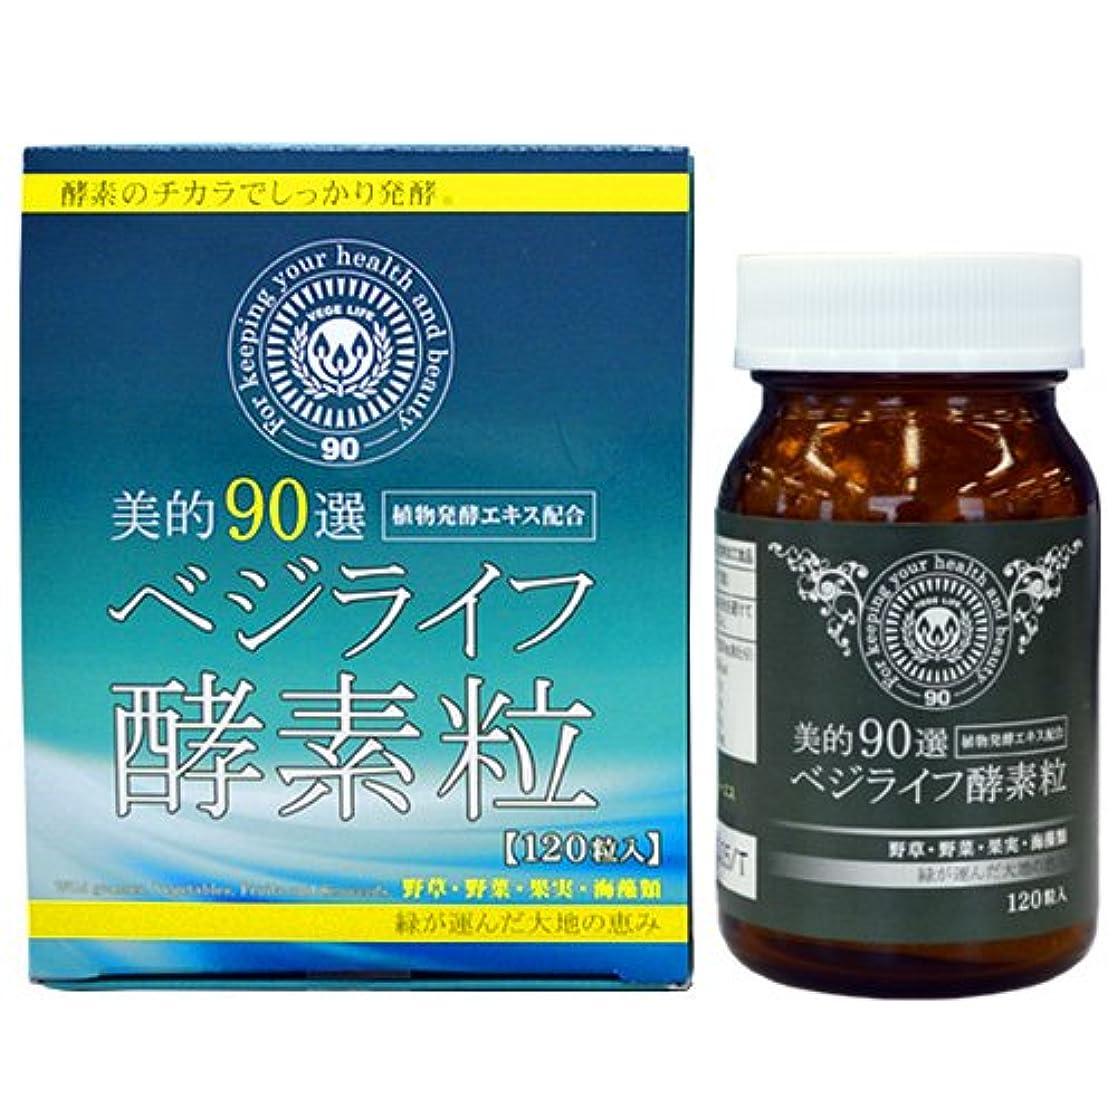 バケツ協定たらい植物発酵エキス配合 美的90選ベジライフ酵素粒(120粒入り)